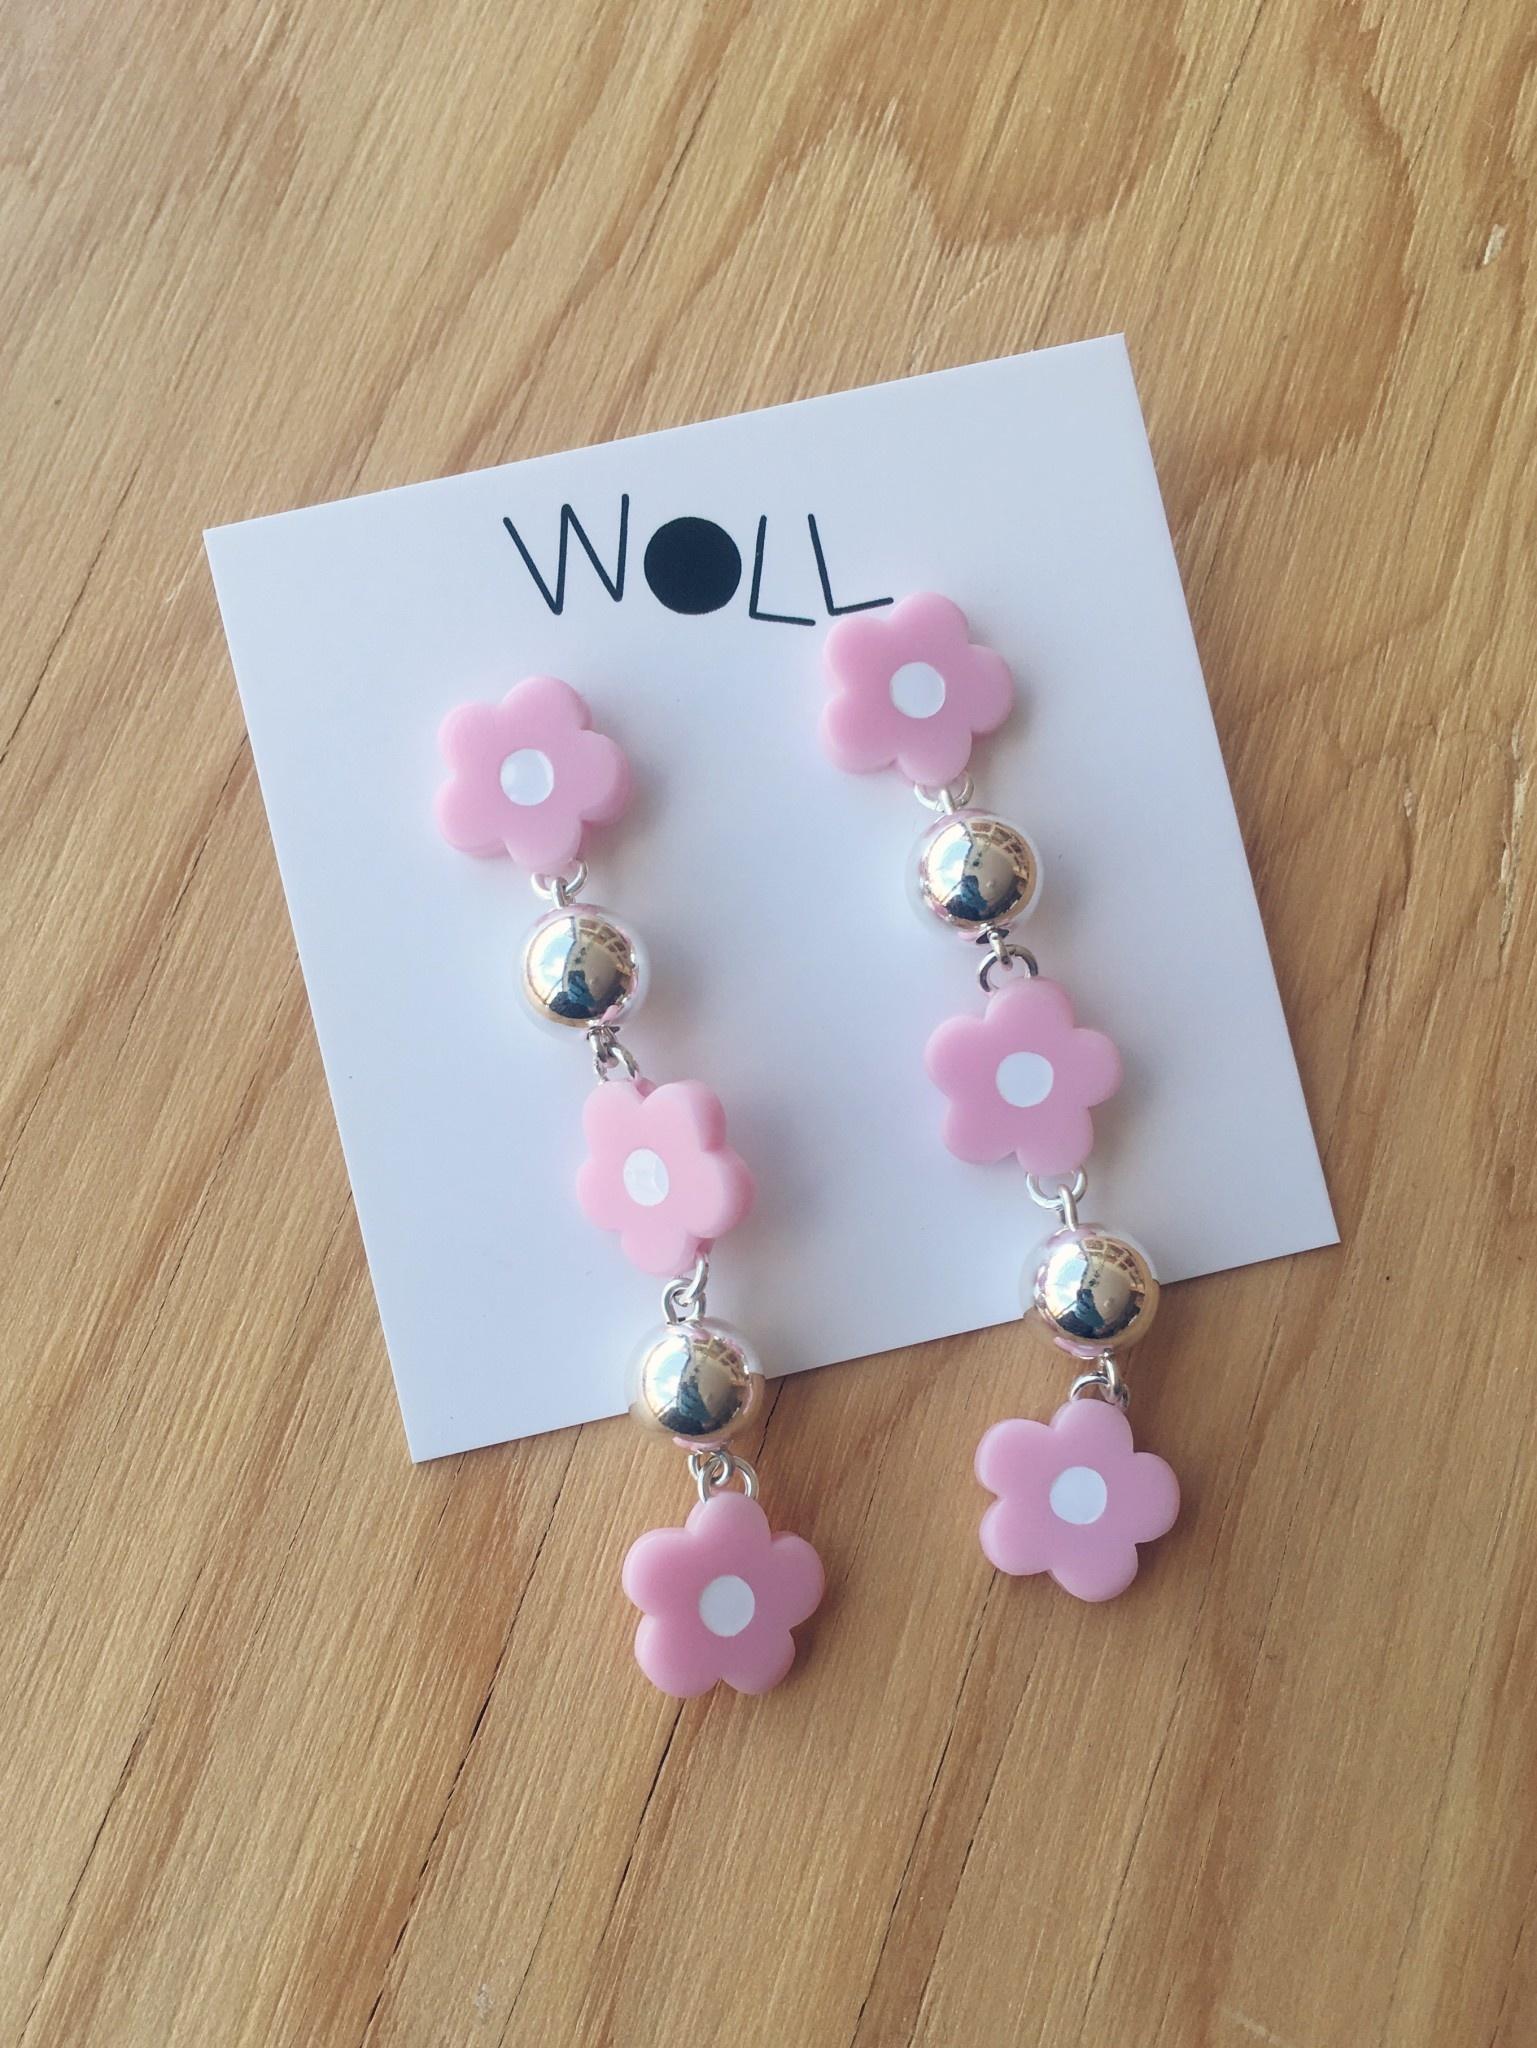 Woll Boucles d'oreilles fleurs lilas et billes